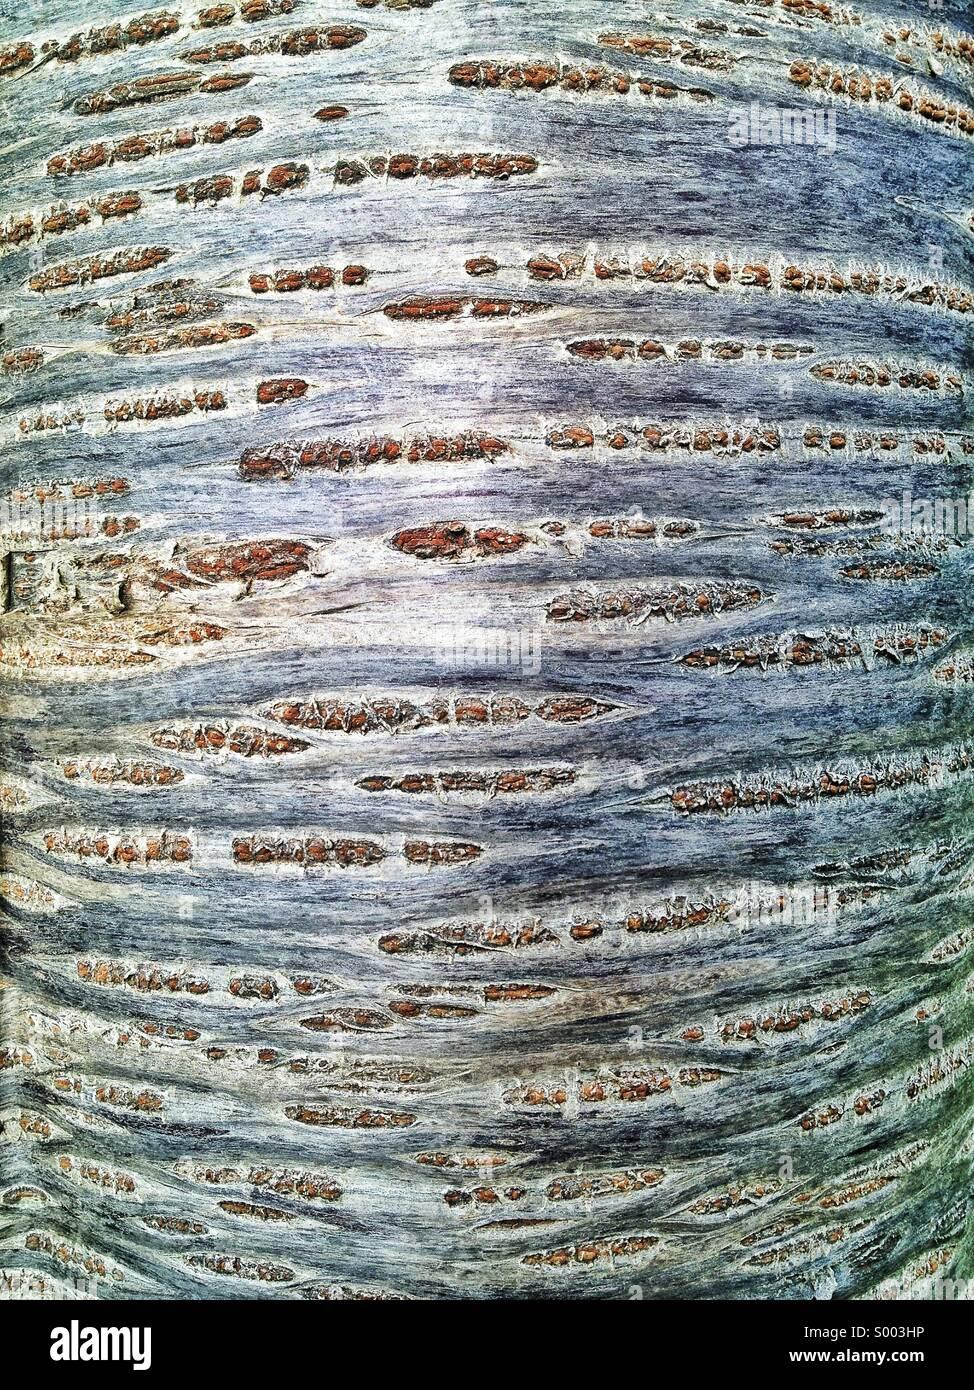 Abstract tree bark - Stock Image